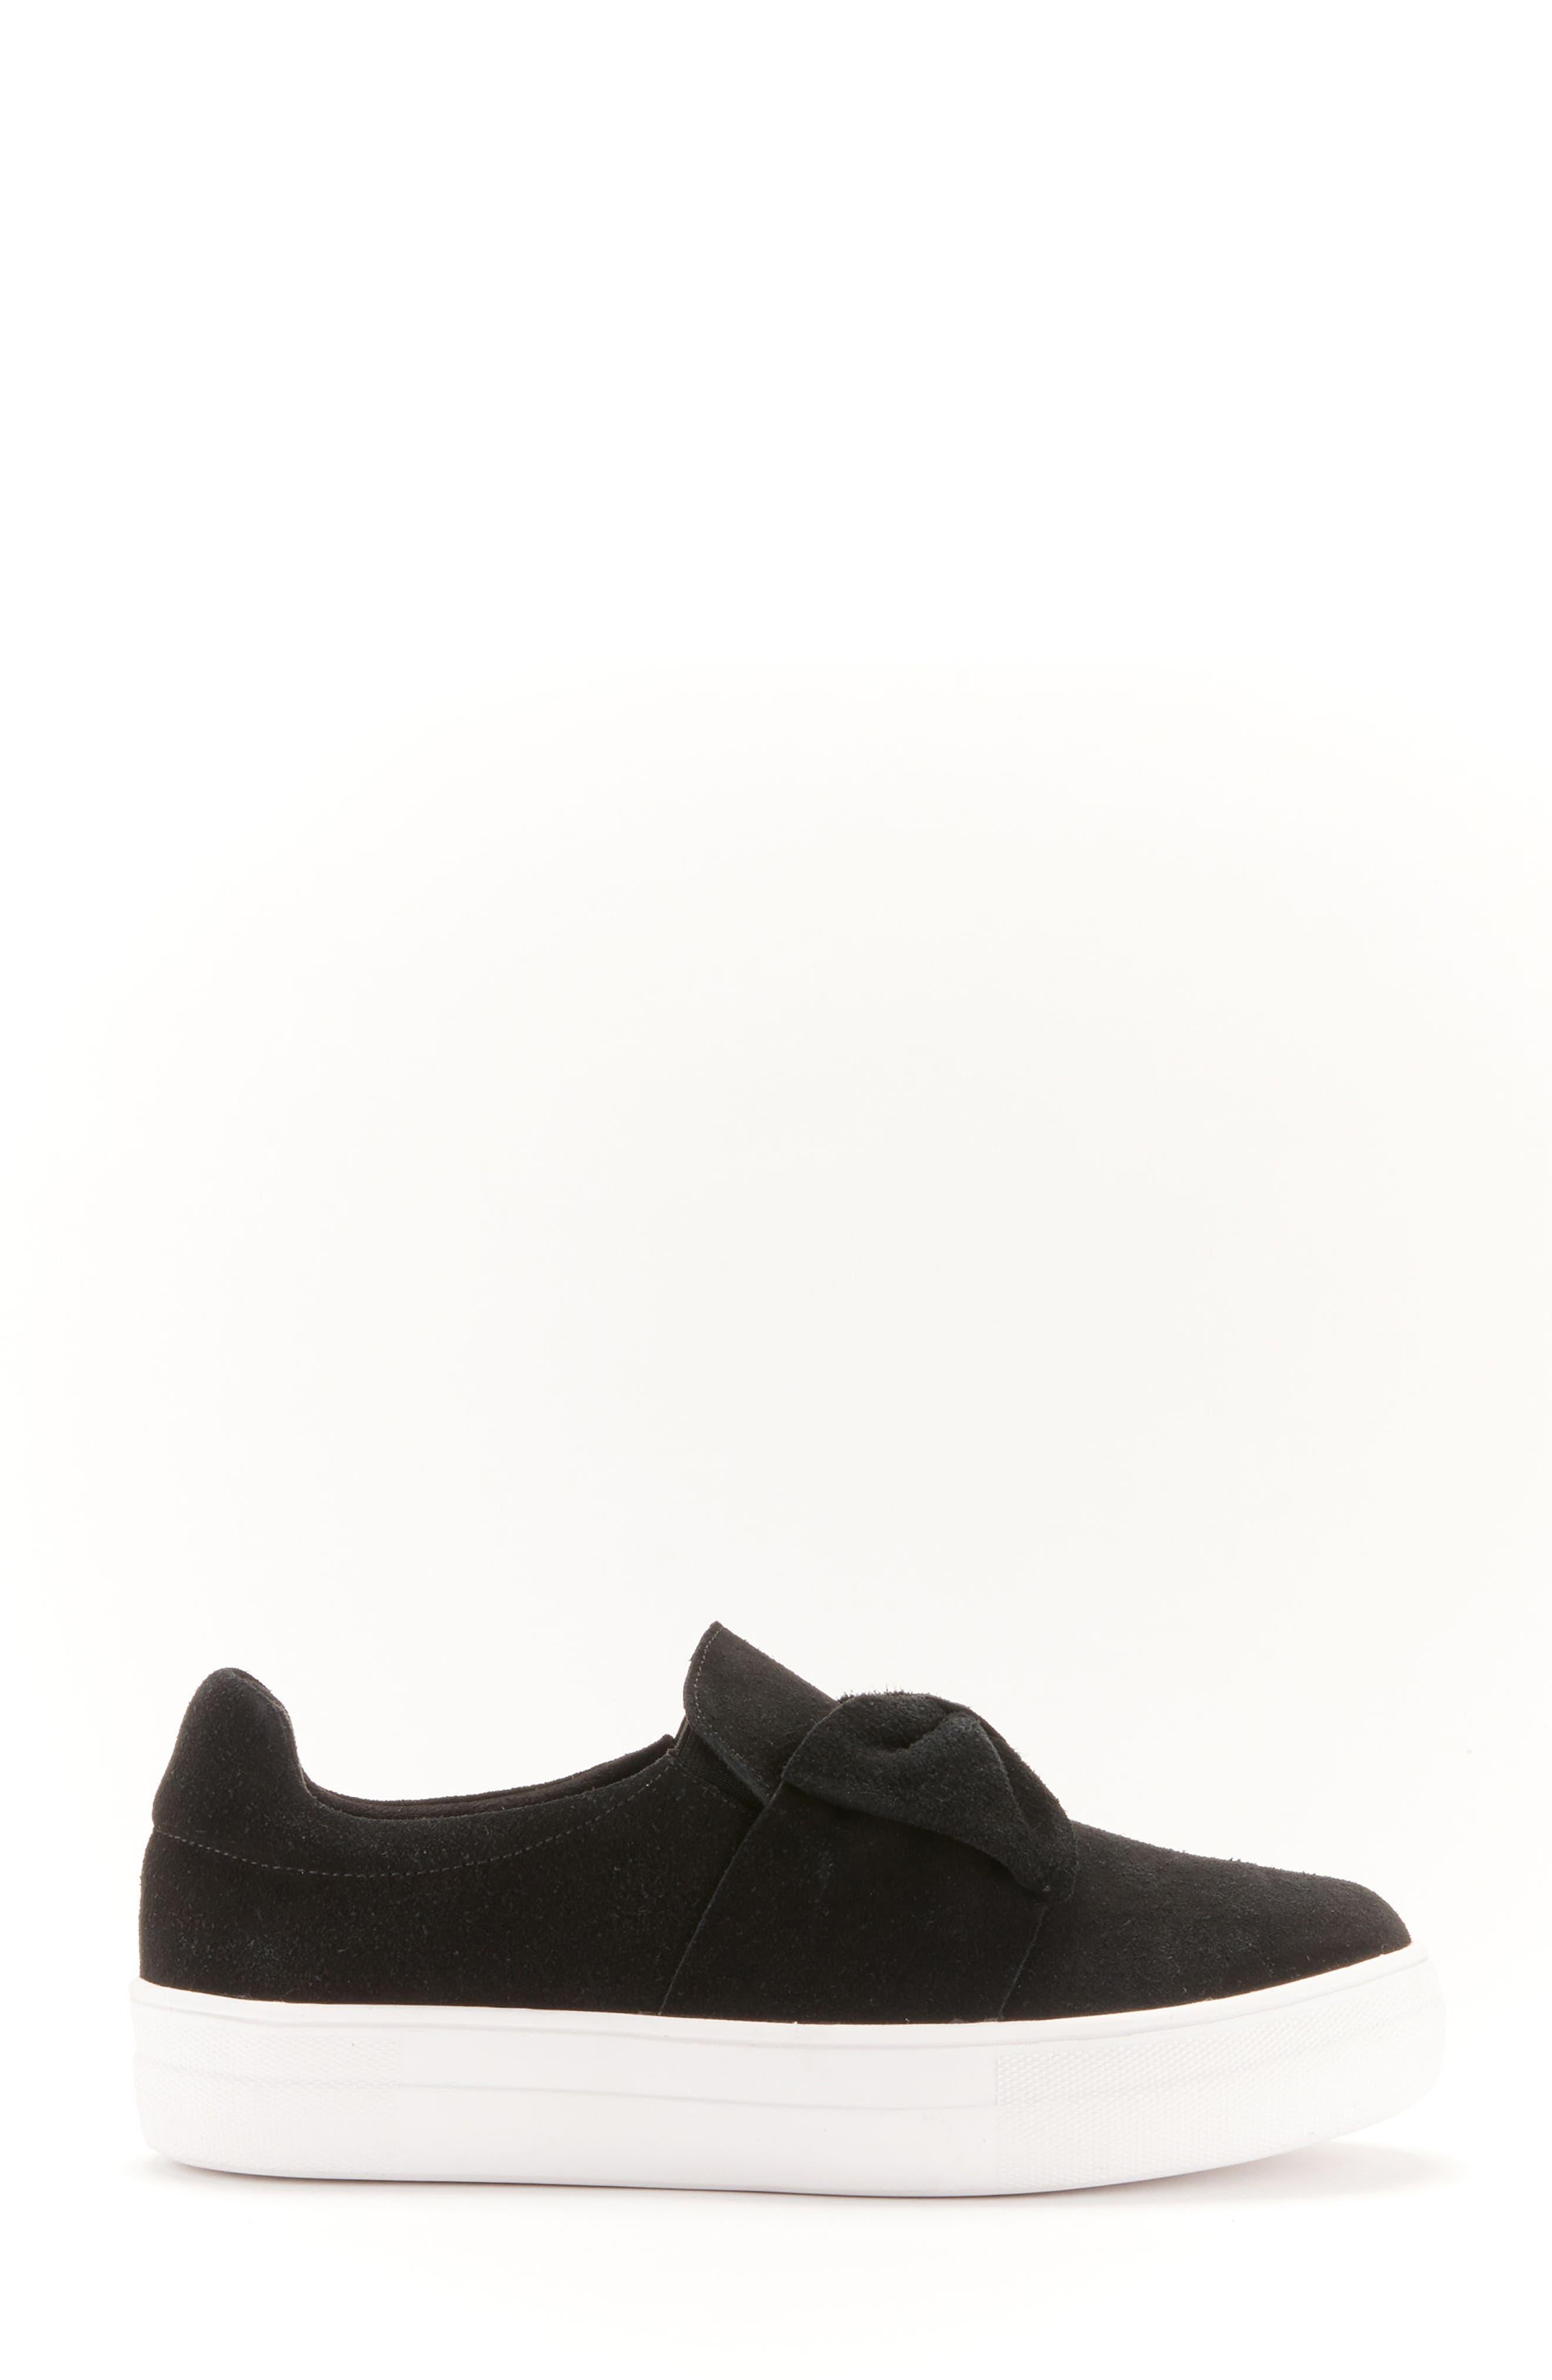 Gigi Sneaker,                             Alternate thumbnail 3, color,                             006